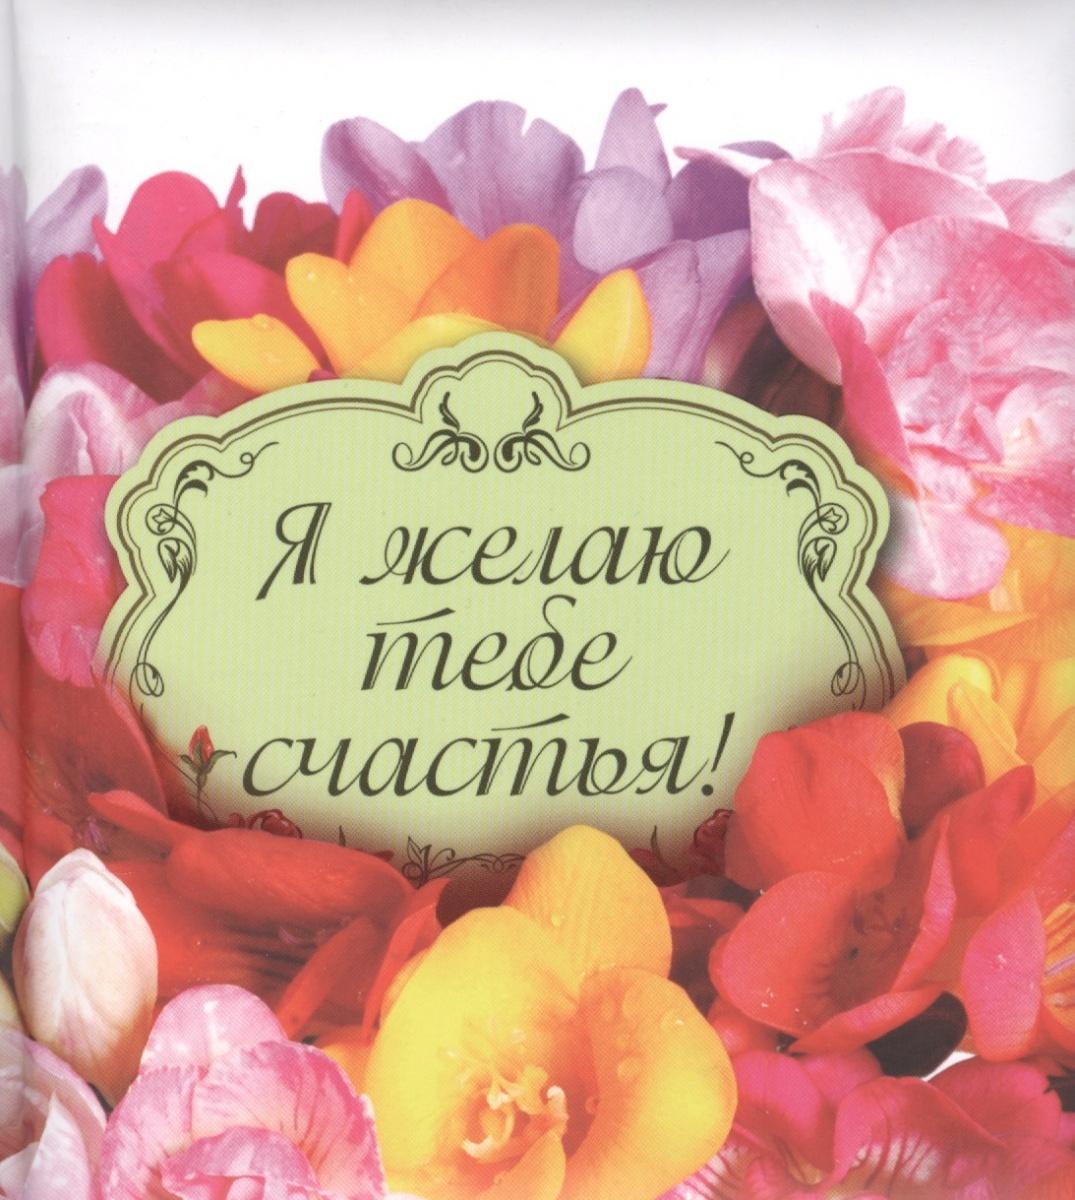 Я желаю тебе счастья!